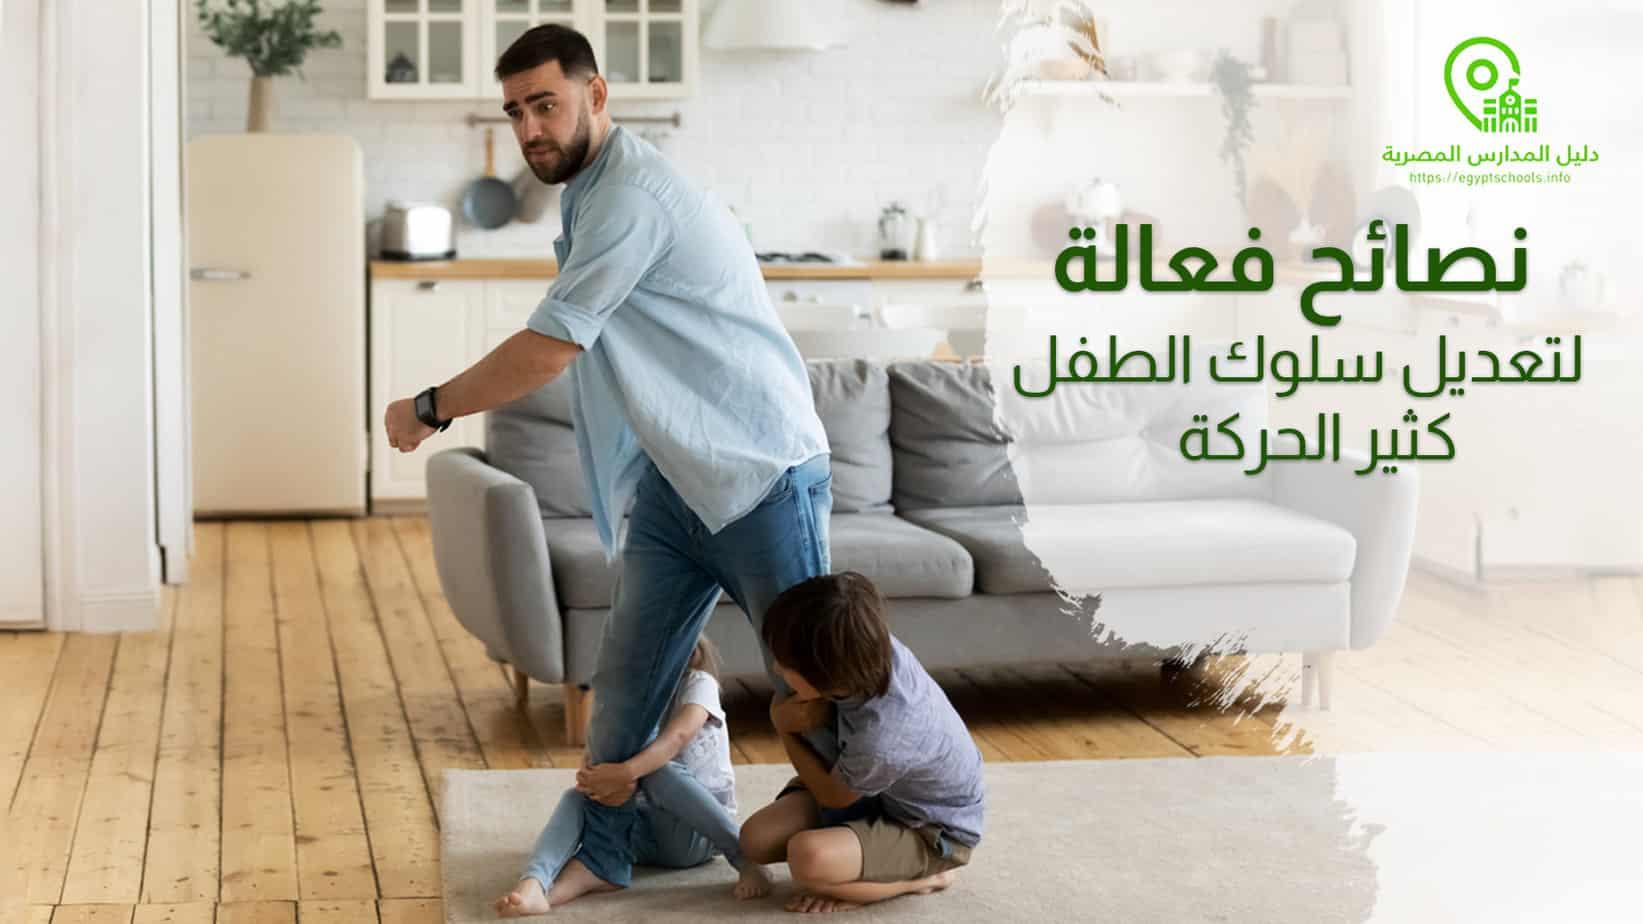 نصائح فعالة لتعديل سلوك الطفل كثير الحركة